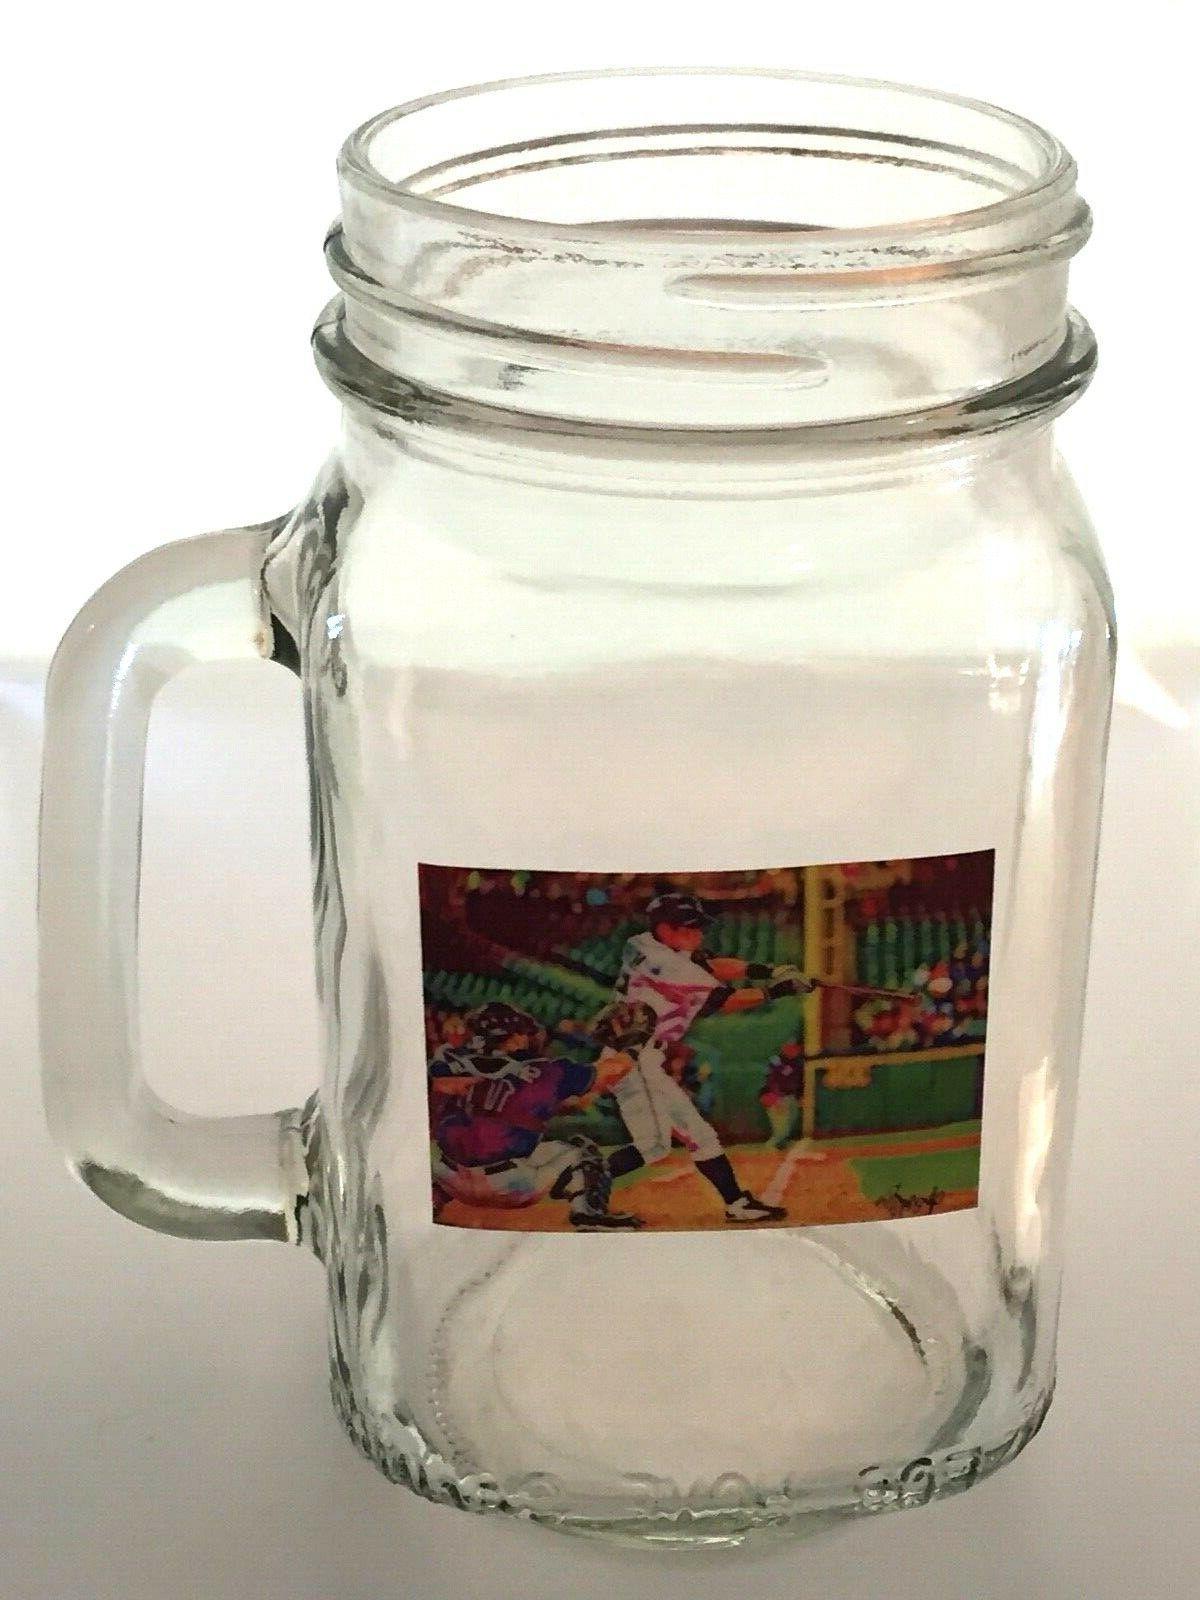 seattle mariners baseball ichiro suzuki mug 16oz